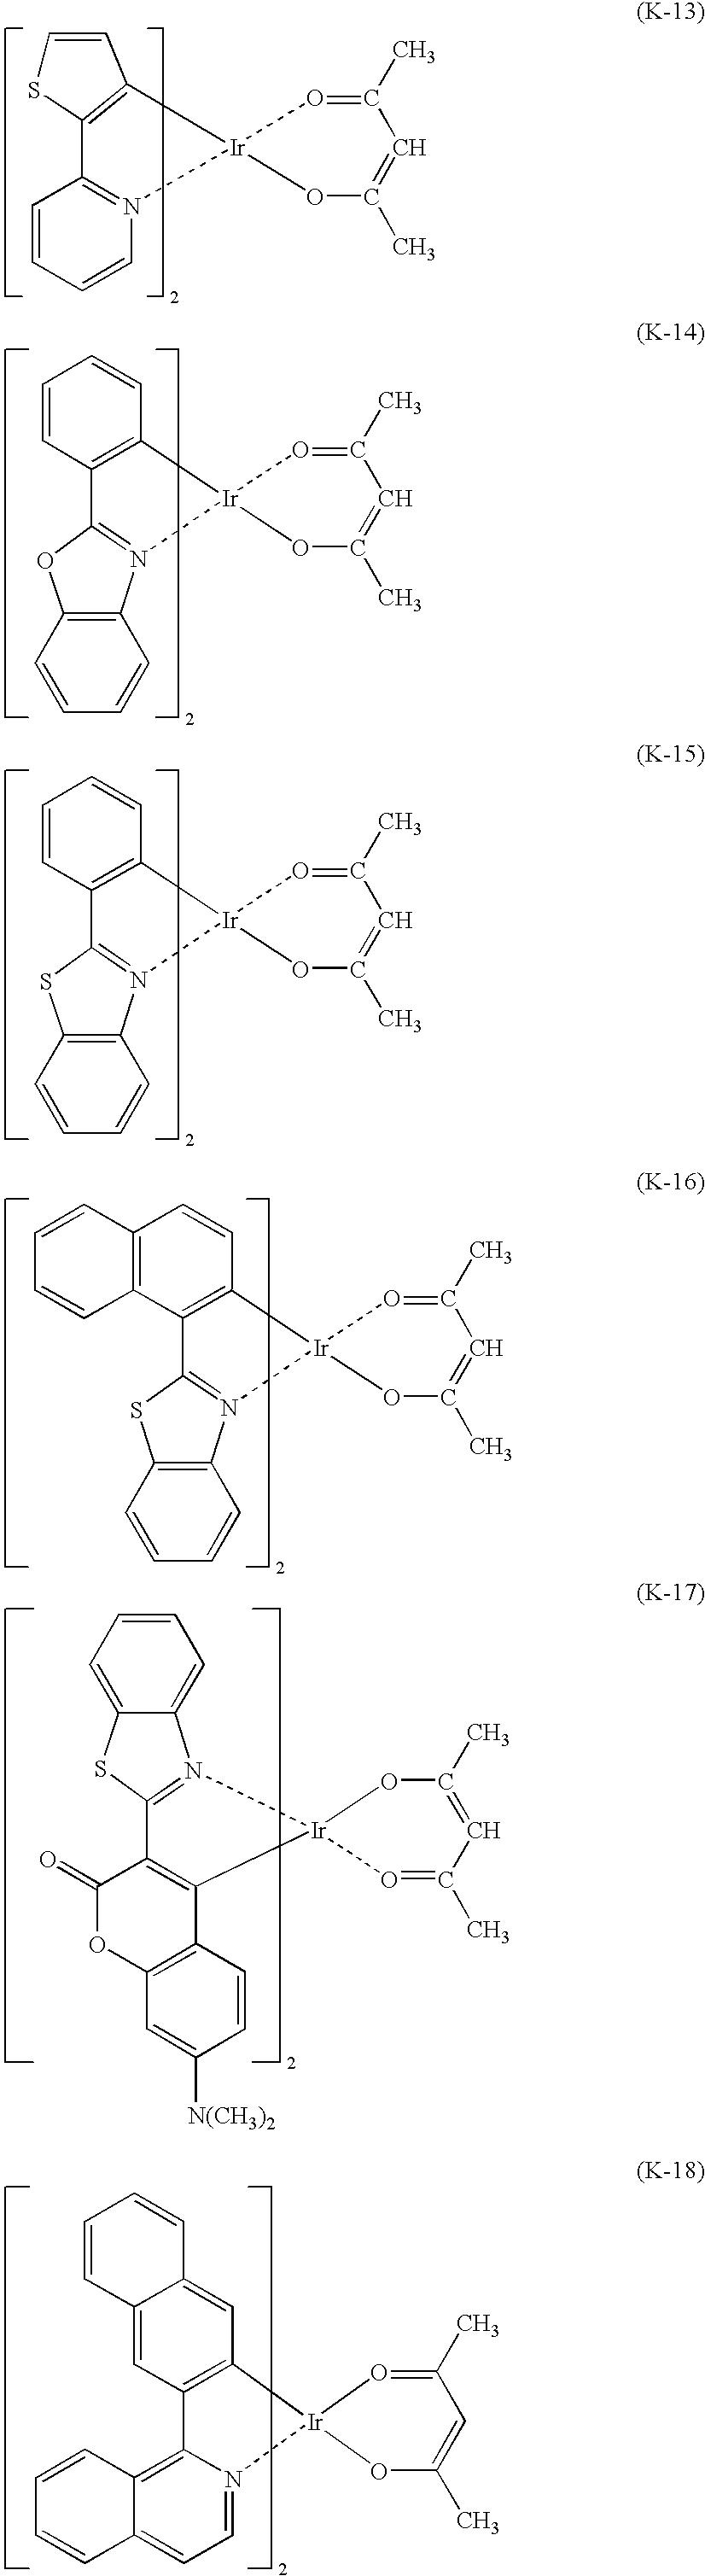 Figure US20060257684A1-20061116-C00004